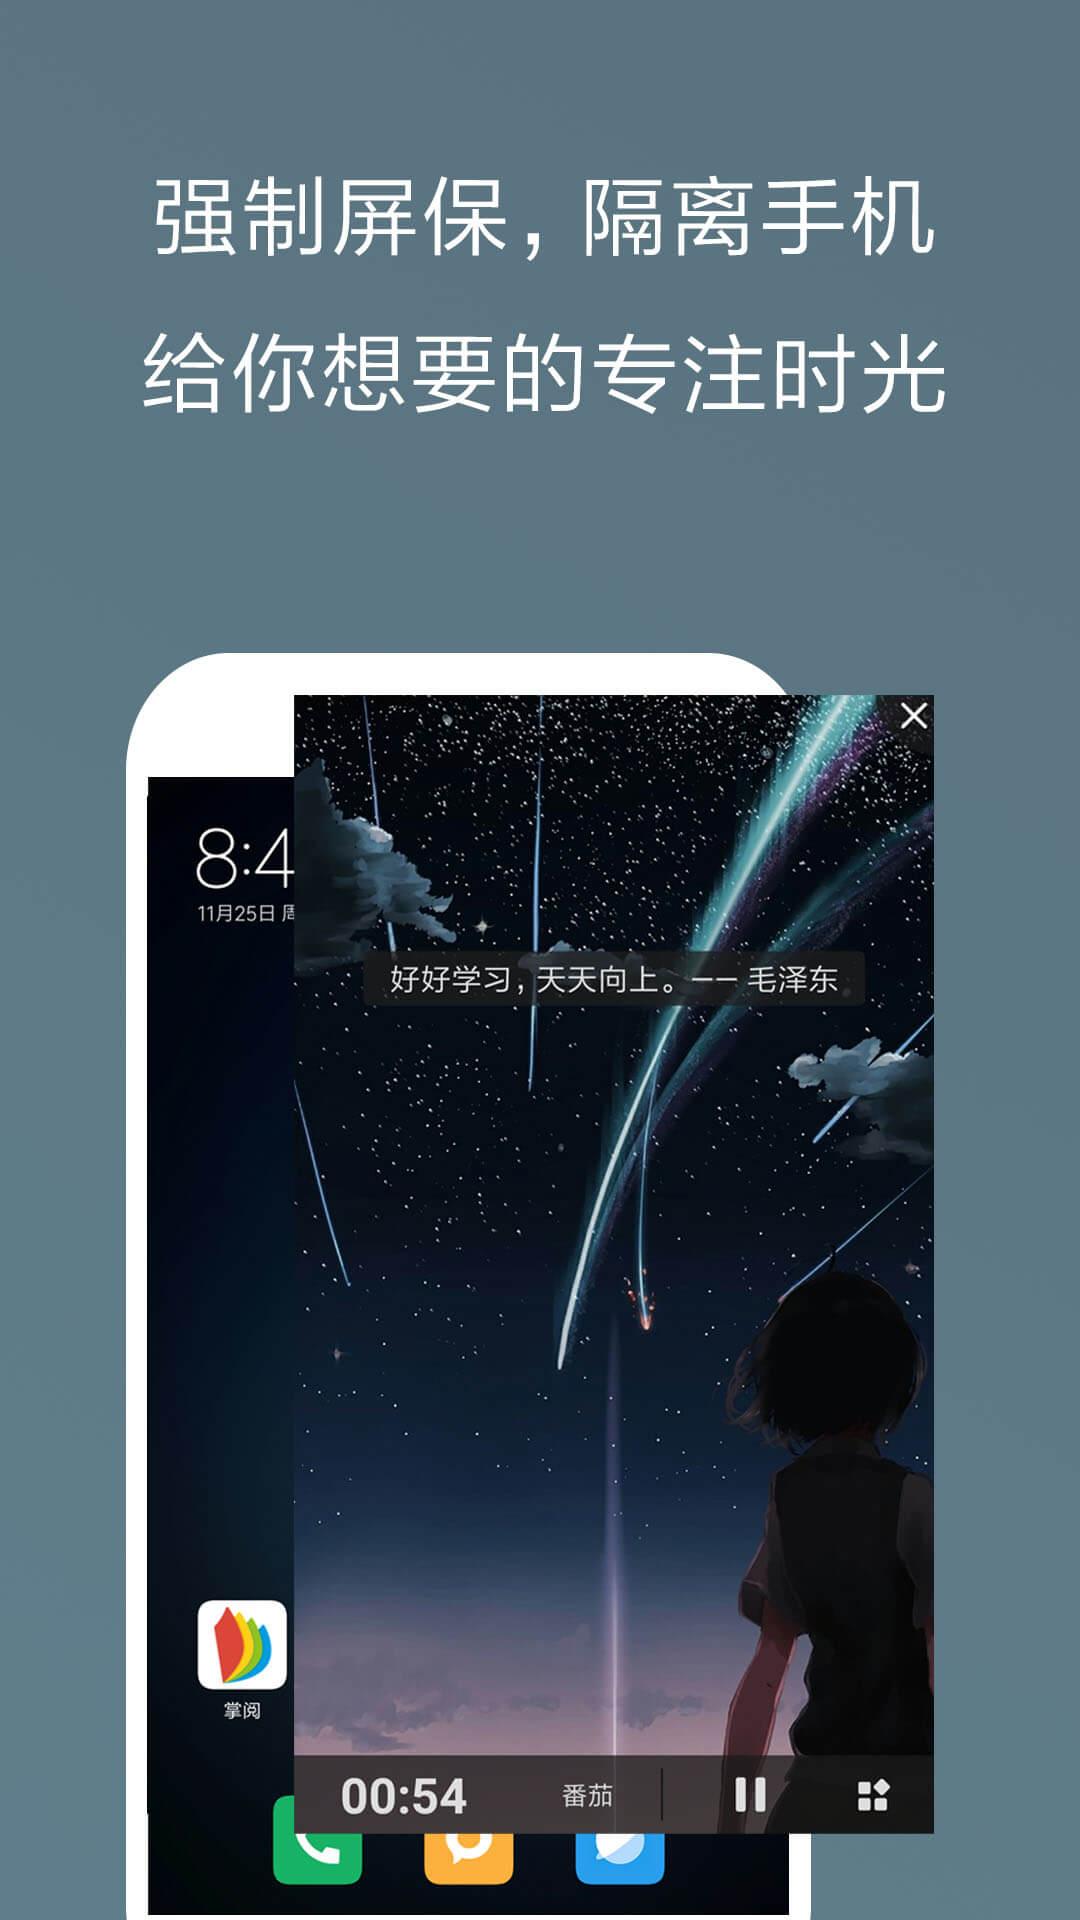 【分享】不做手机控——监督玩手机,提高自控力,远离手机诱惑,学习